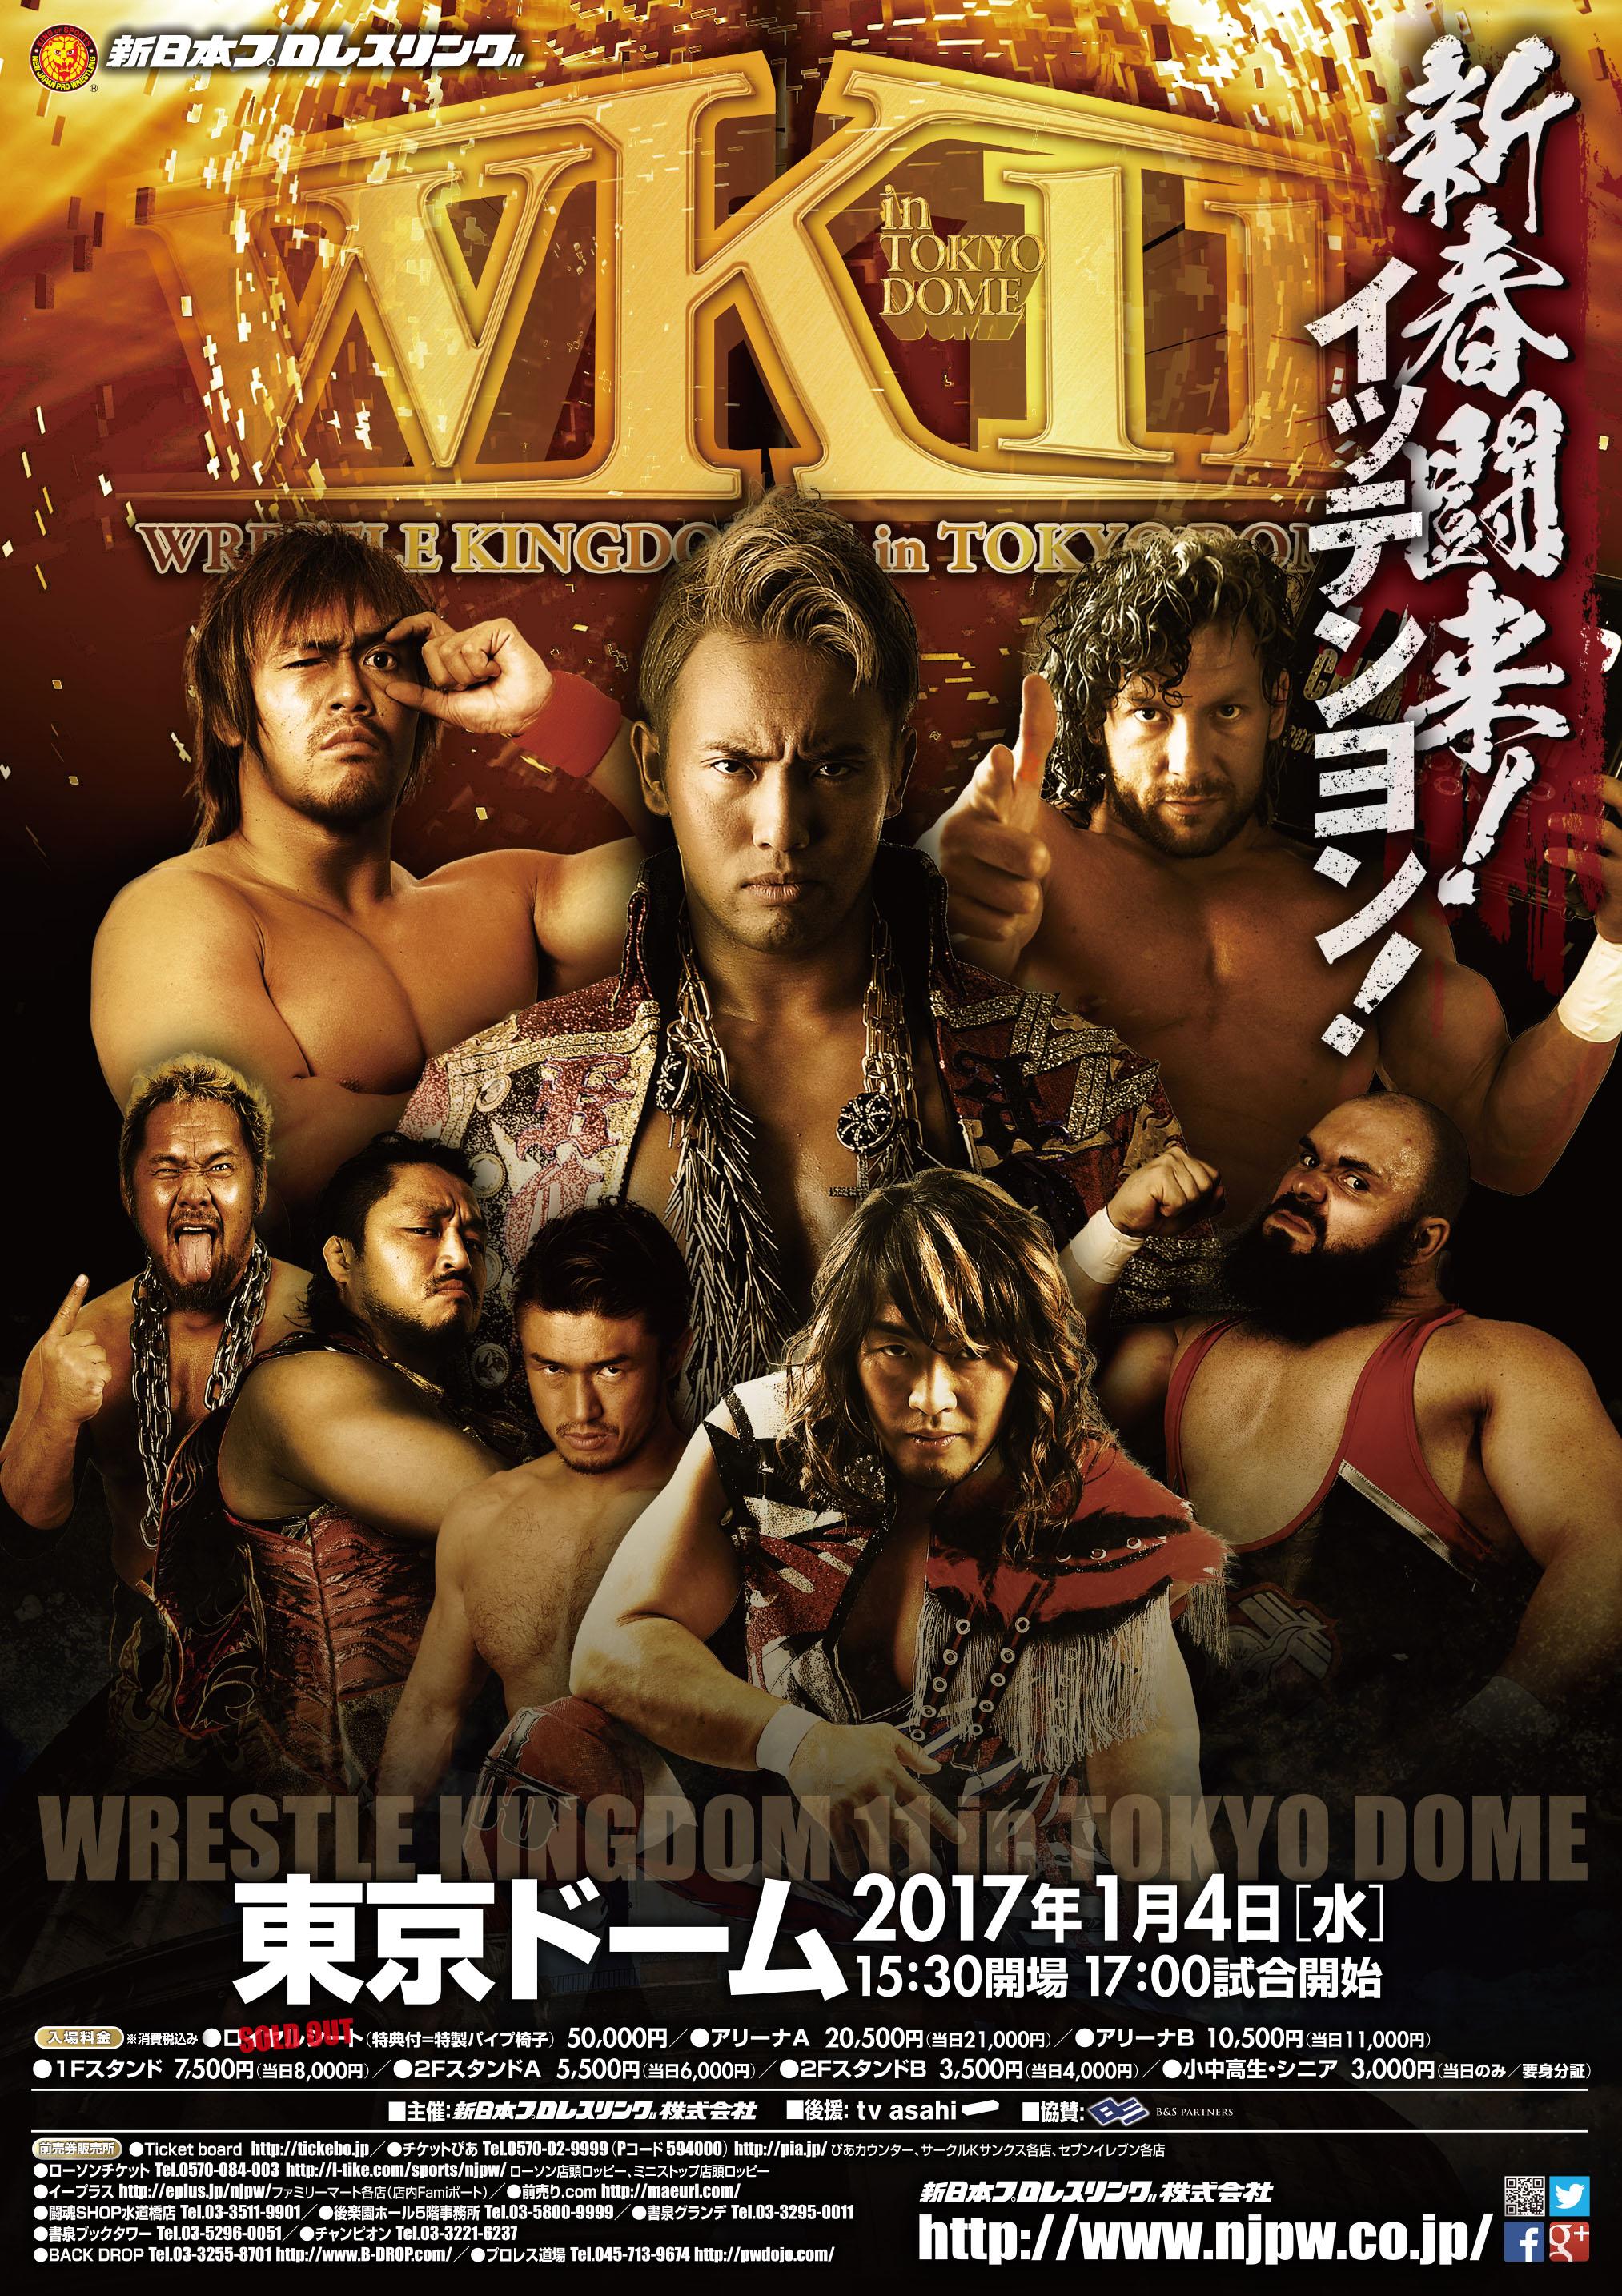 レッスルキングダム11 2017.1.4 TOKYO DOME